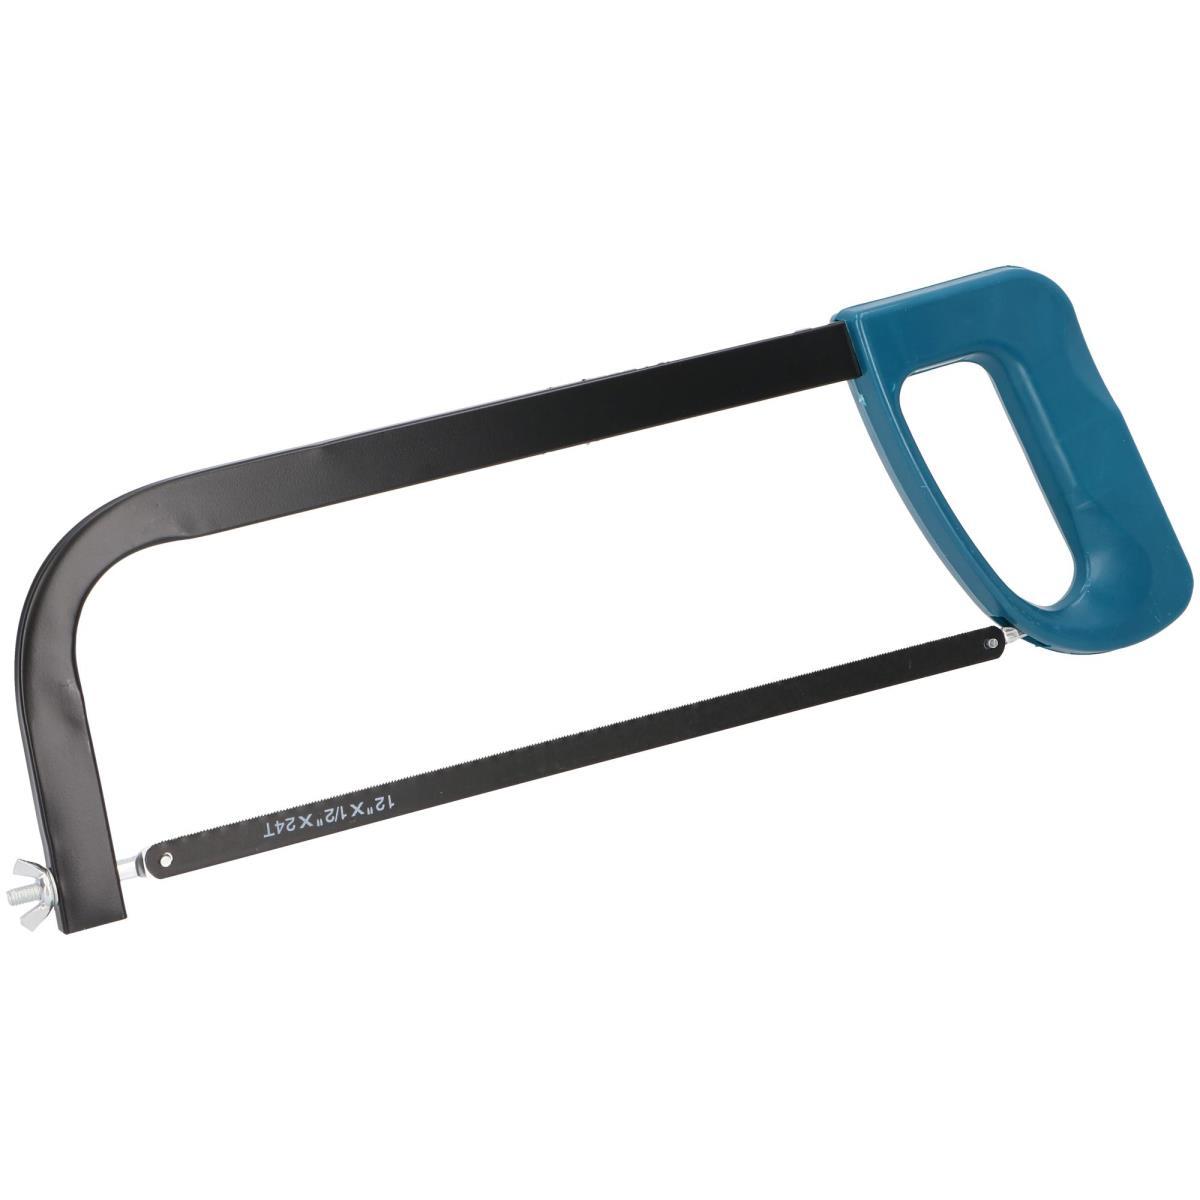 Eisensäge inkl 300 mm Sägeblatt Bügelsäge mit Griff Metallsäge Handsäge